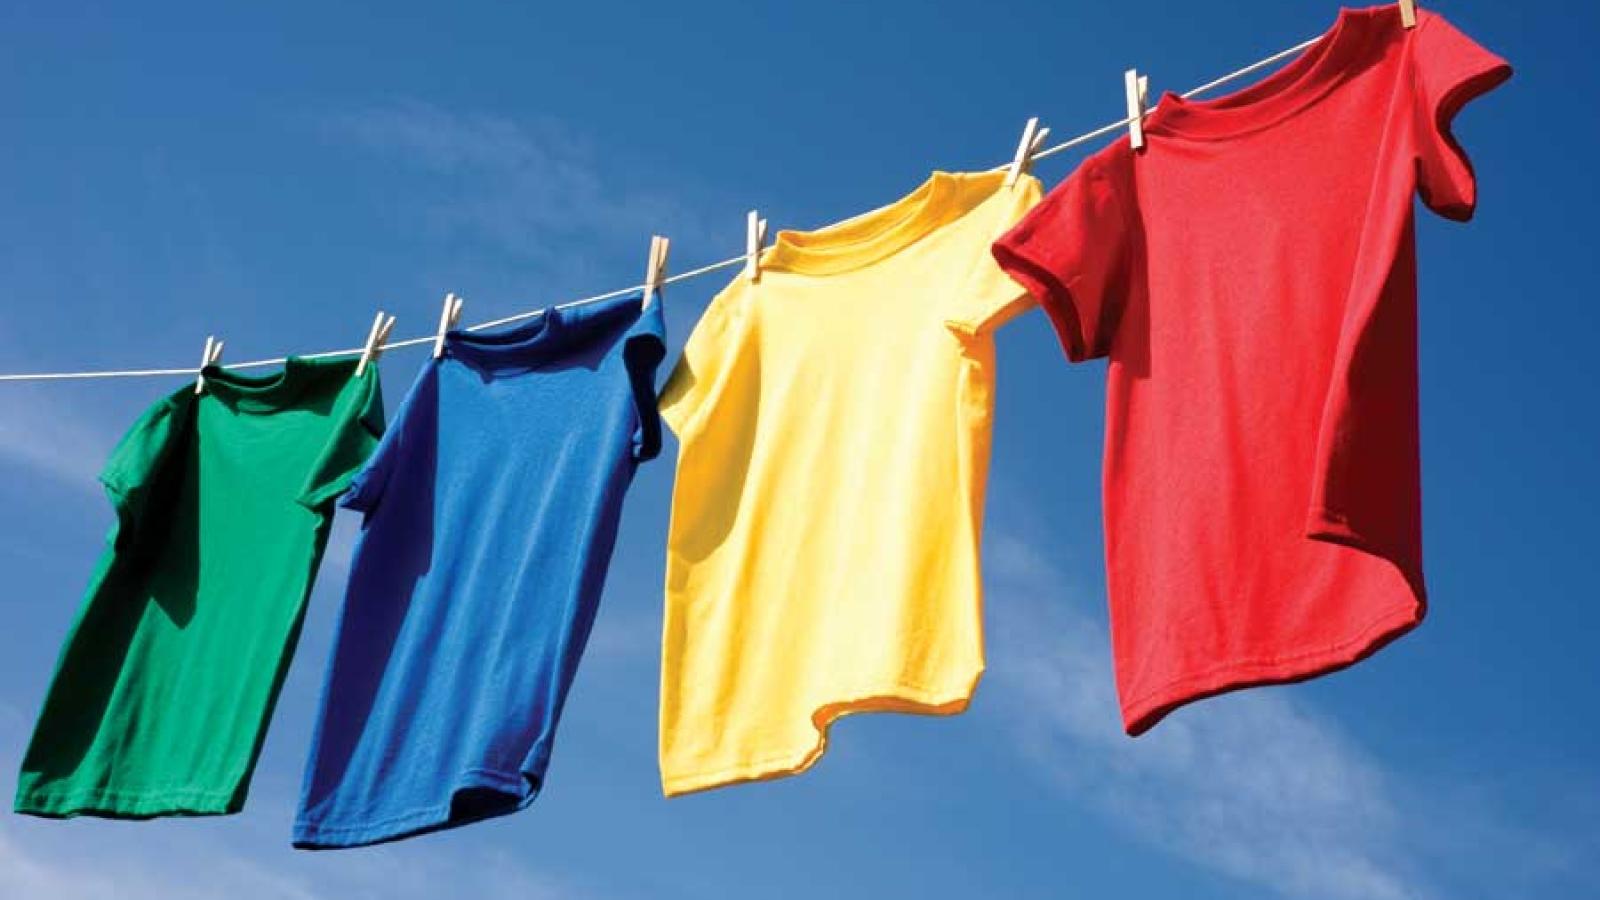 Làm thế nào giúp áo quần nhanh khô khi trời nồm ẩm ướt?